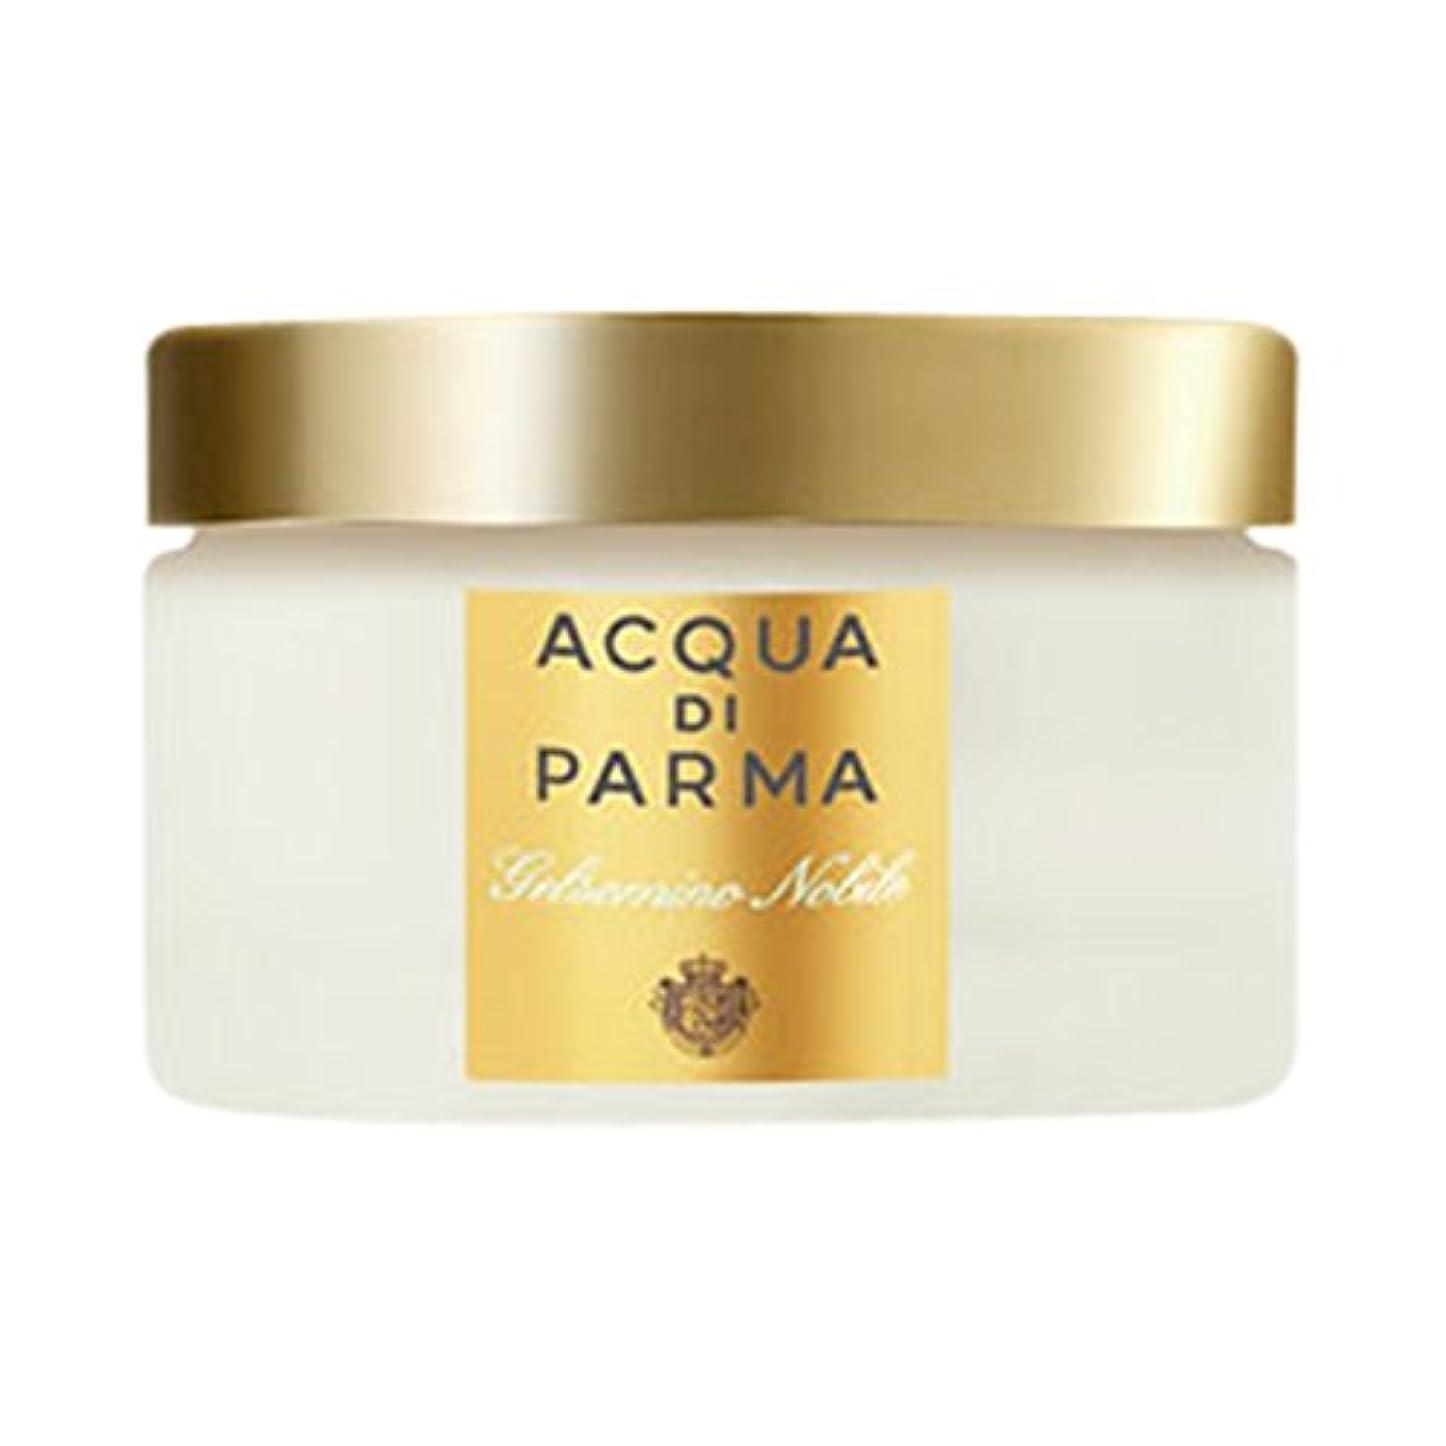 ガレージ皿信頼性アクア?ディ?パルマGelsominoノビルボディクリーム150ミリリットル (Acqua di Parma) - Acqua di Parma Gelsomino Nobile Body Cream 150ml [並行輸入品]